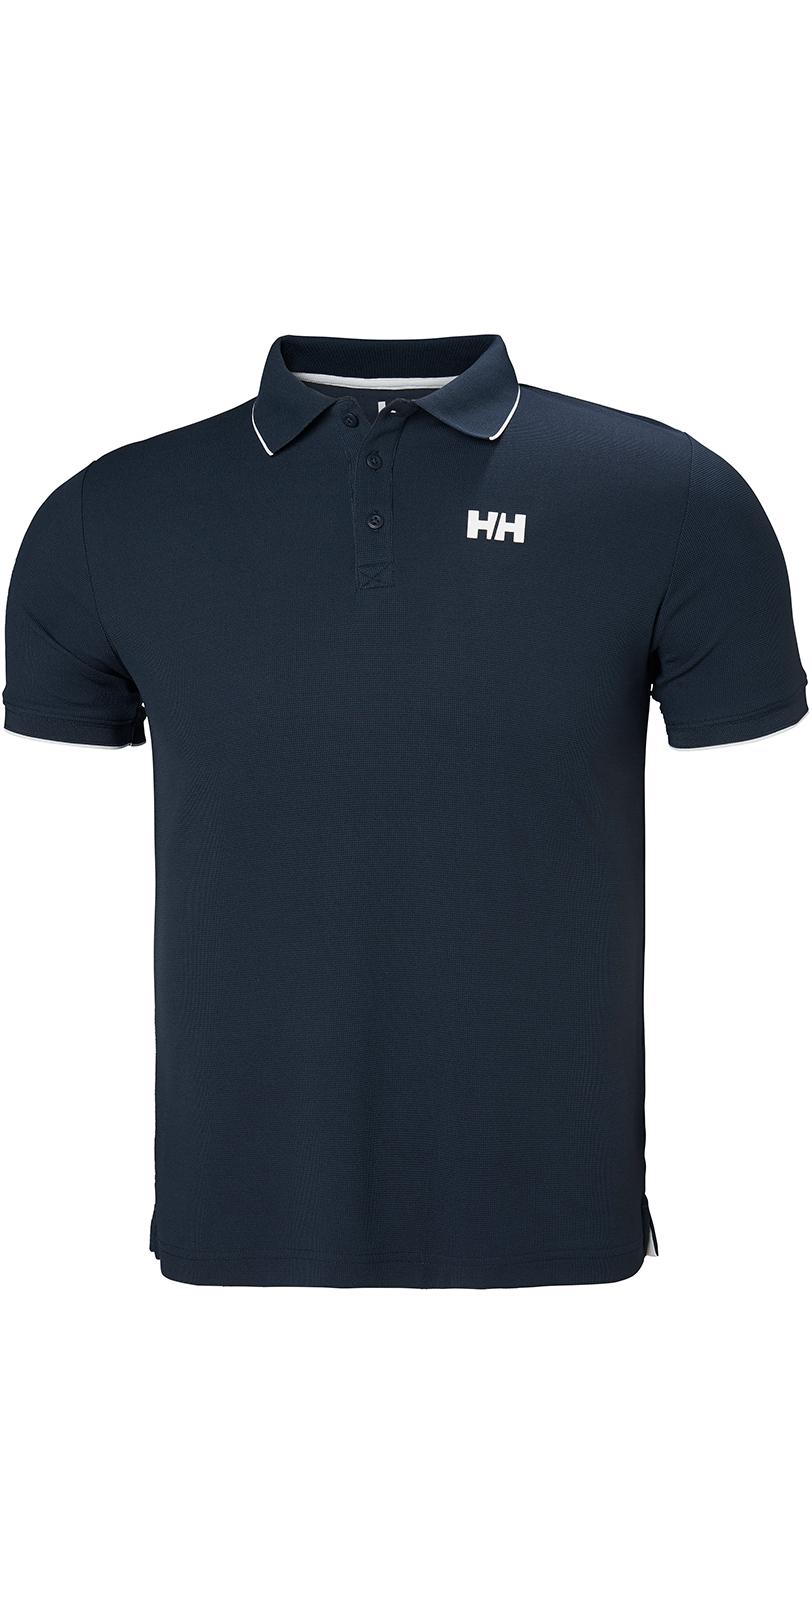 2019 Helly Hansen Kos Polo Navy 34068